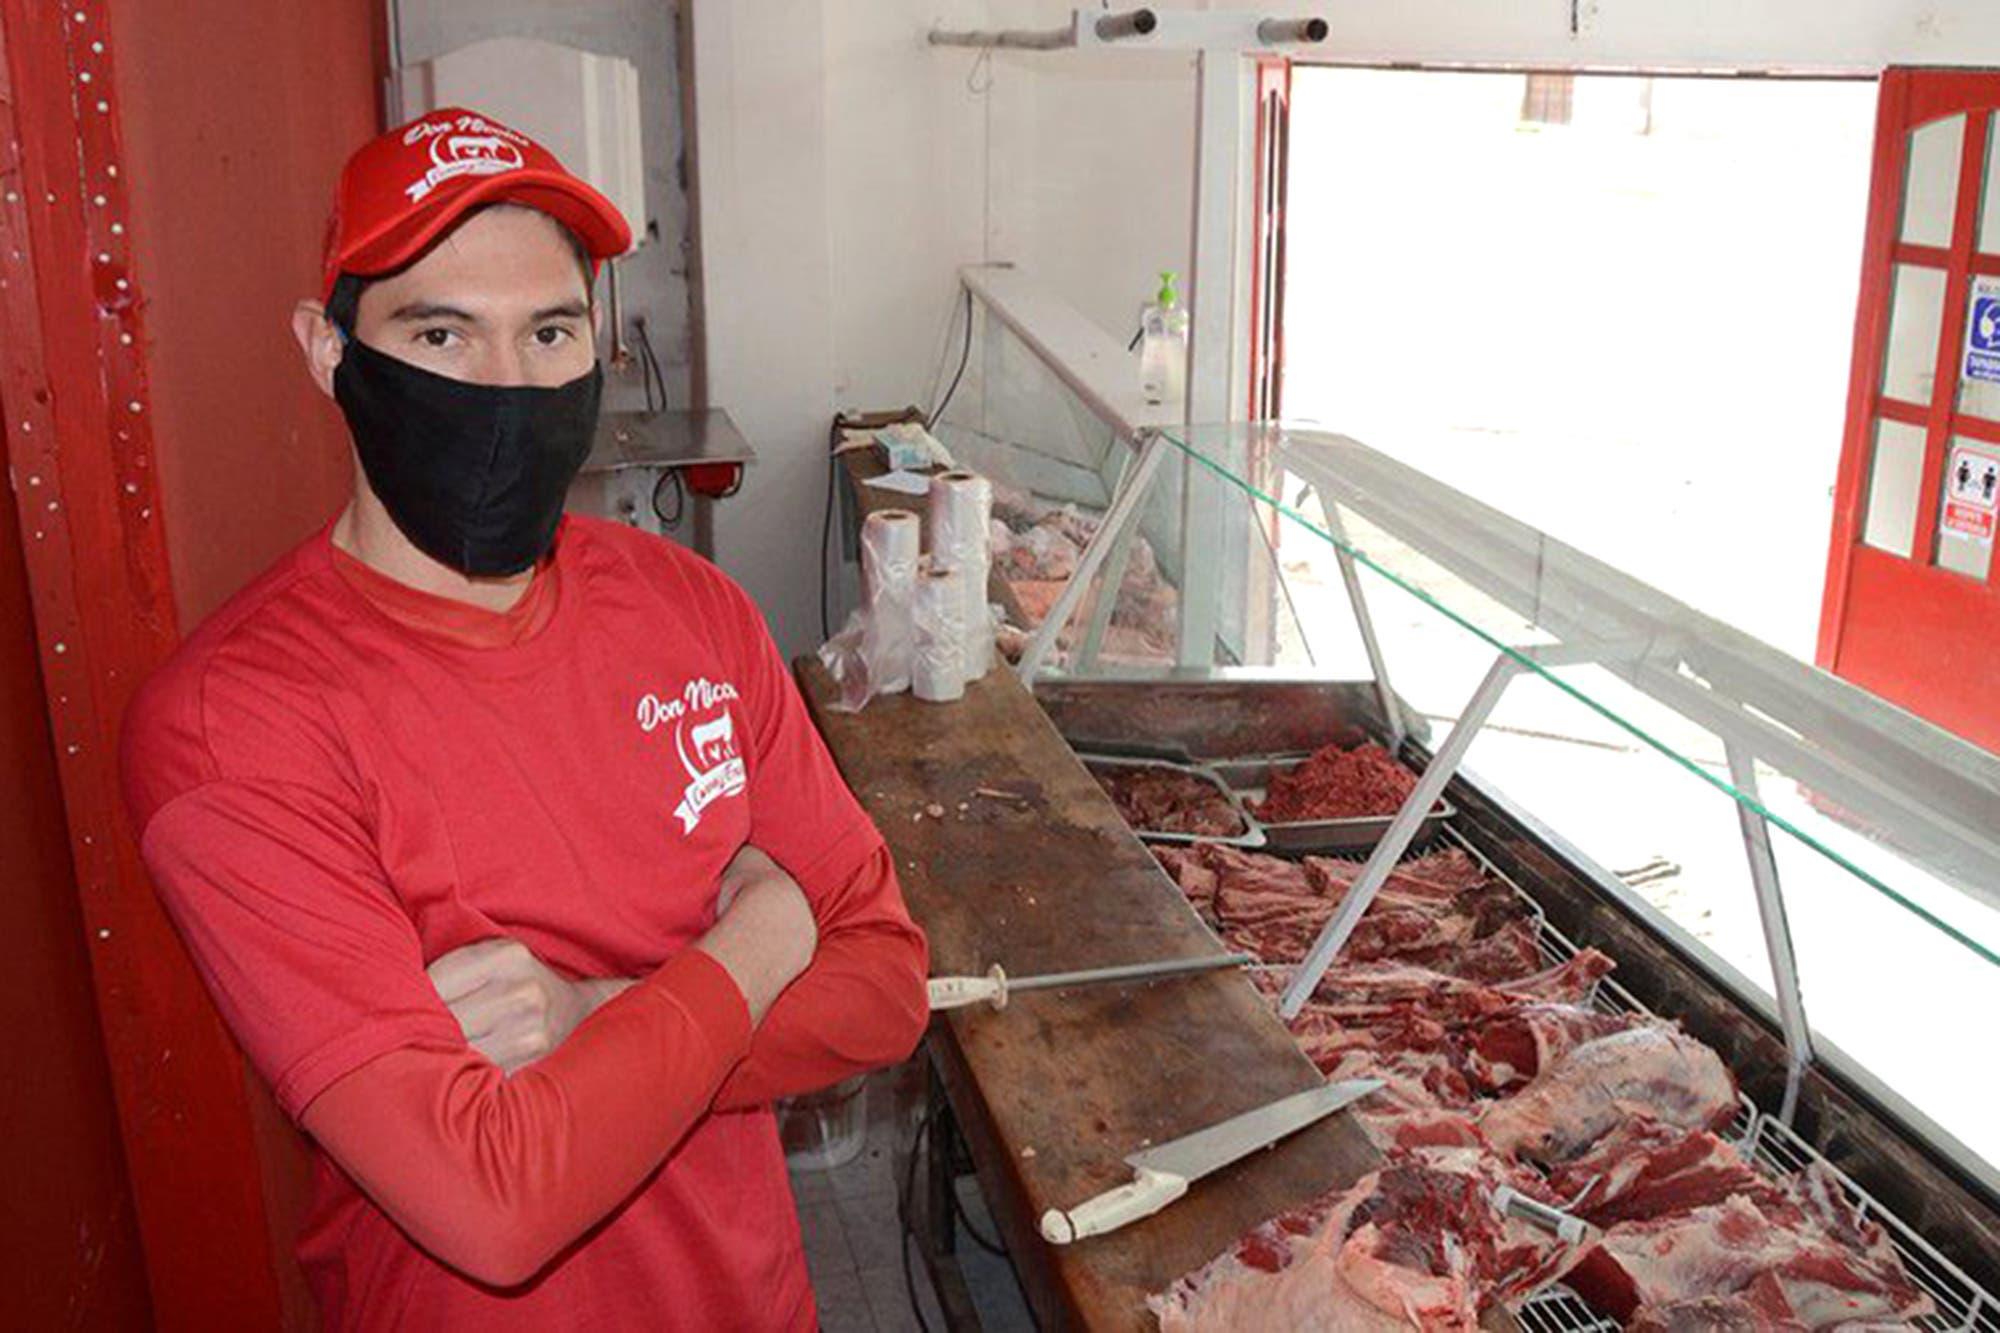 Carniceros, panaderos y vendedores: cómo se ganan la vida los futbolistas de las ligas provinciales en cuarentena